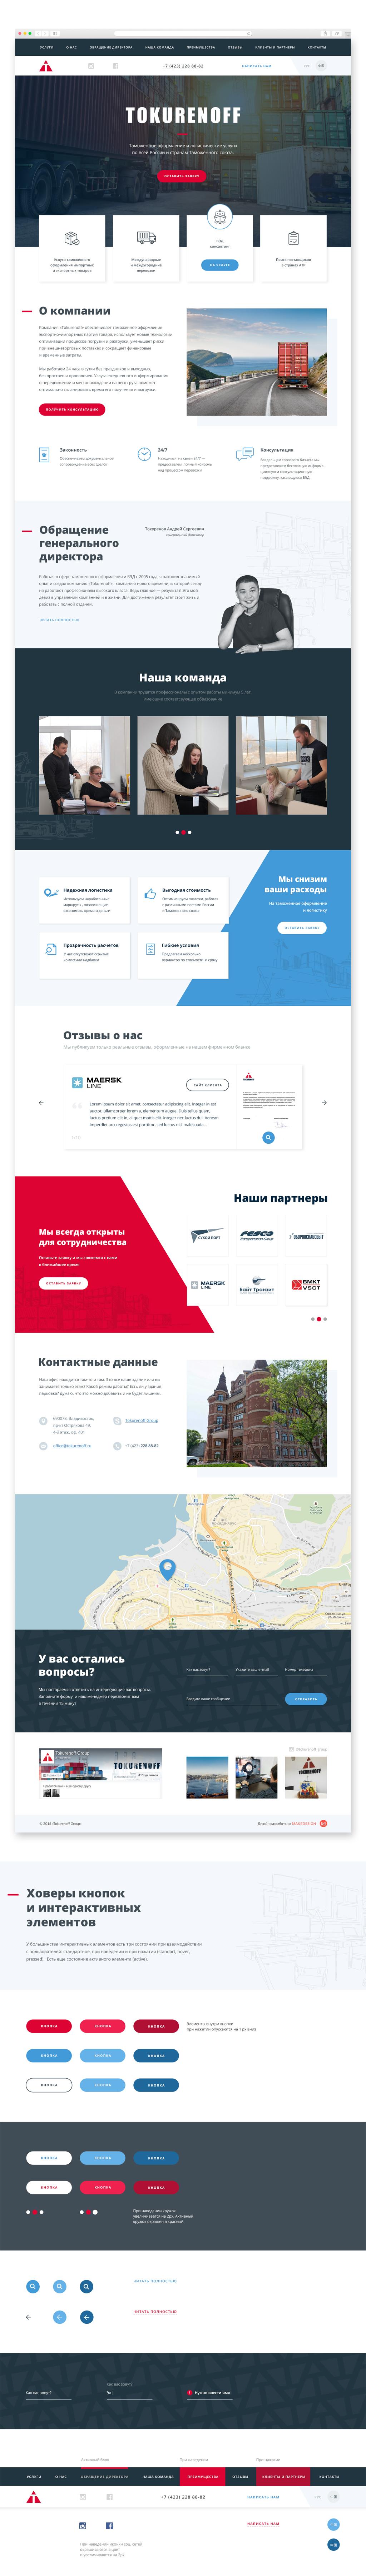 Tokurenoff — Landing page (Адаптивный дизайн)